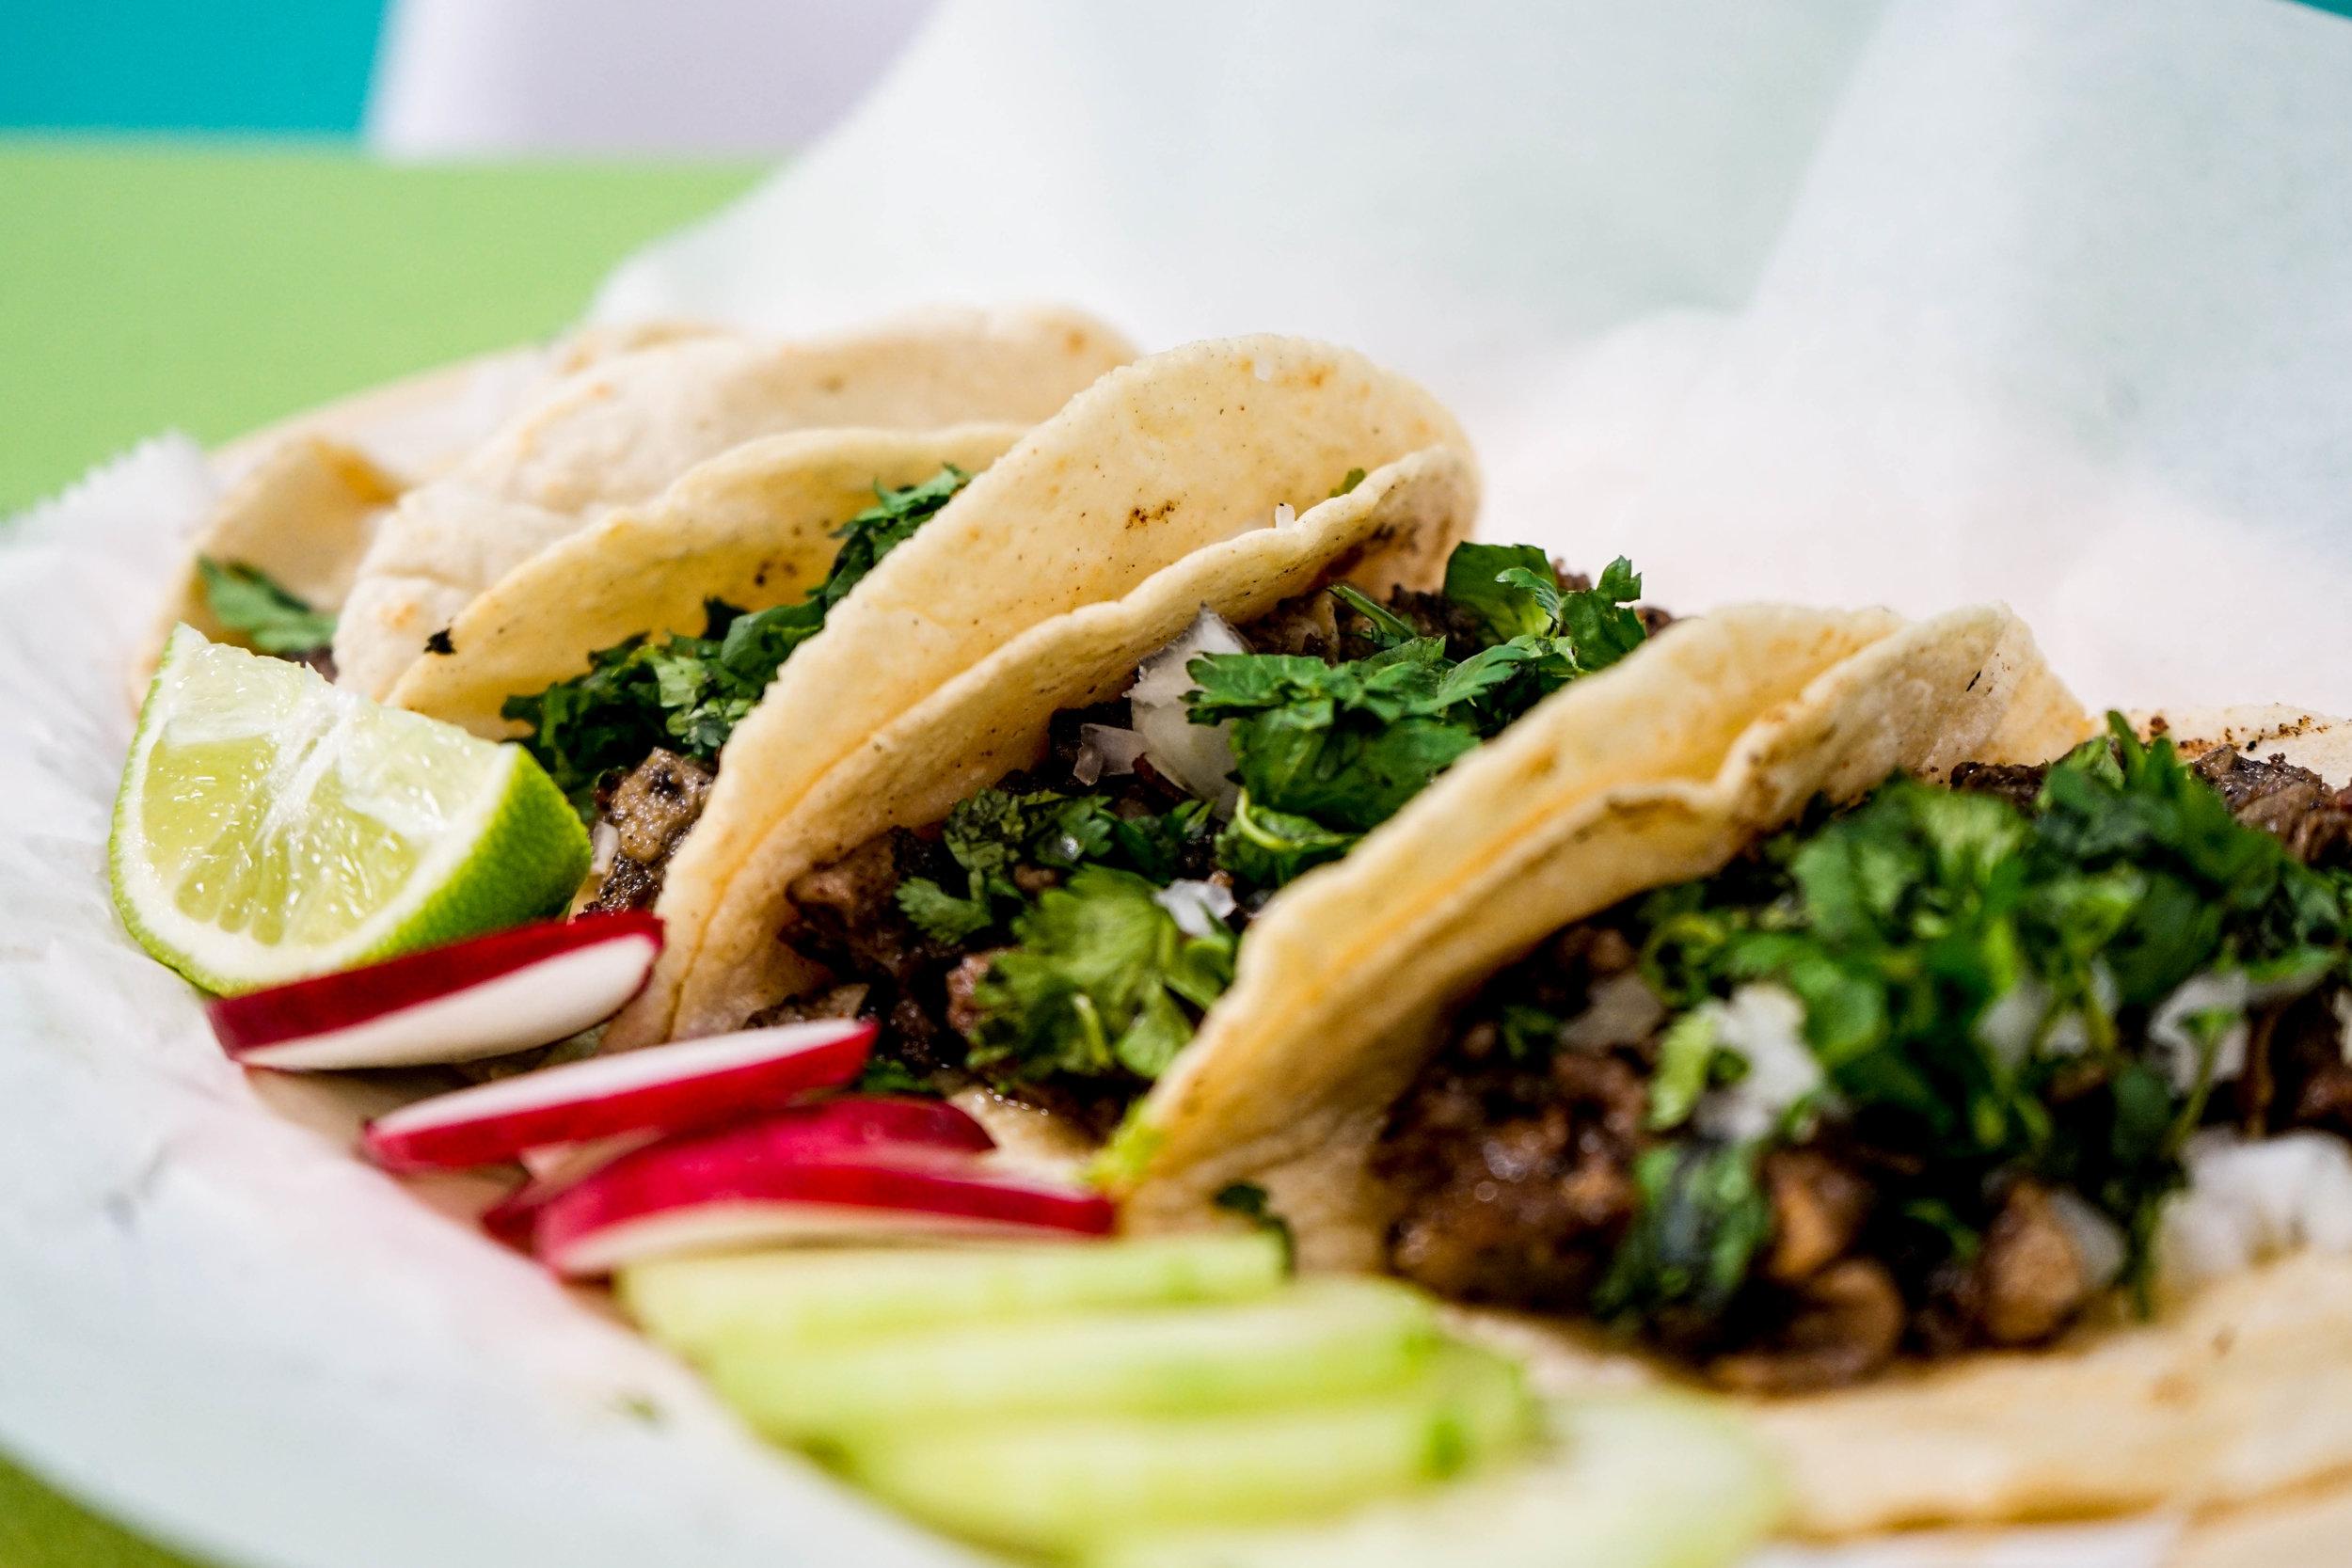 Leckere Tacos gibt es beim mexikanischen Kochkurs